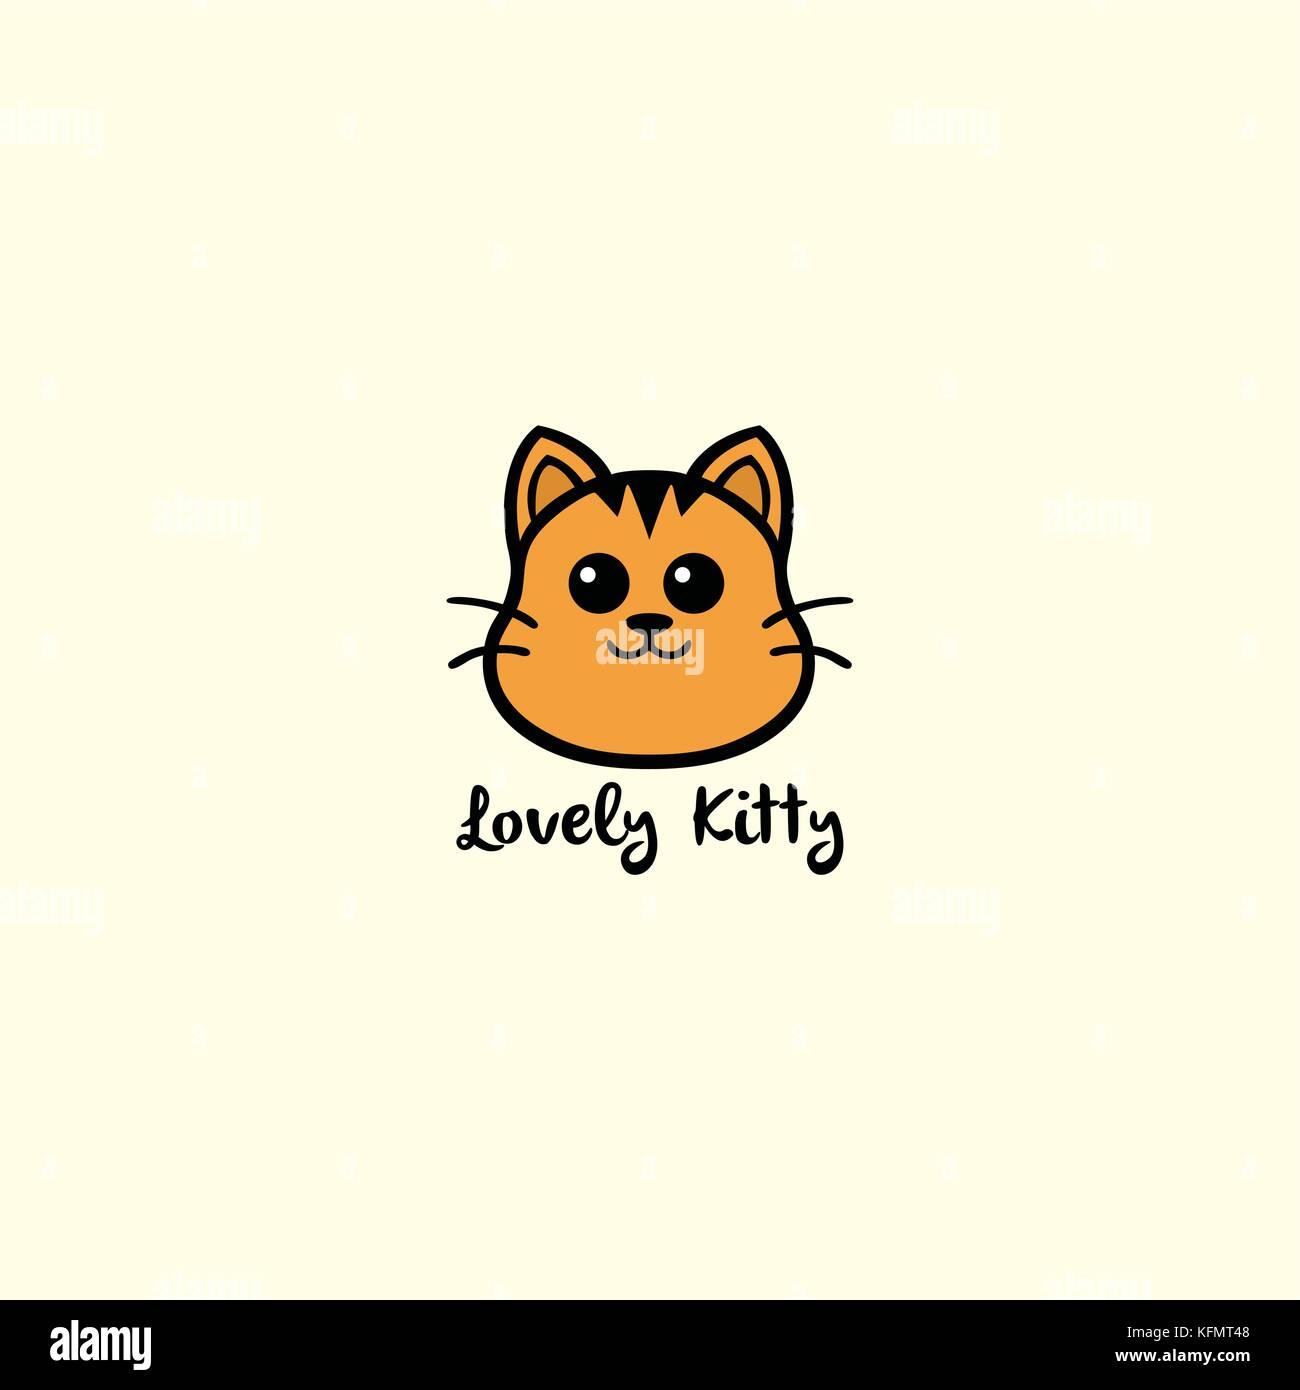 Lovely Kitty Cute Cat Logo Vector Design Illustration Stock Vector Image Art Alamy